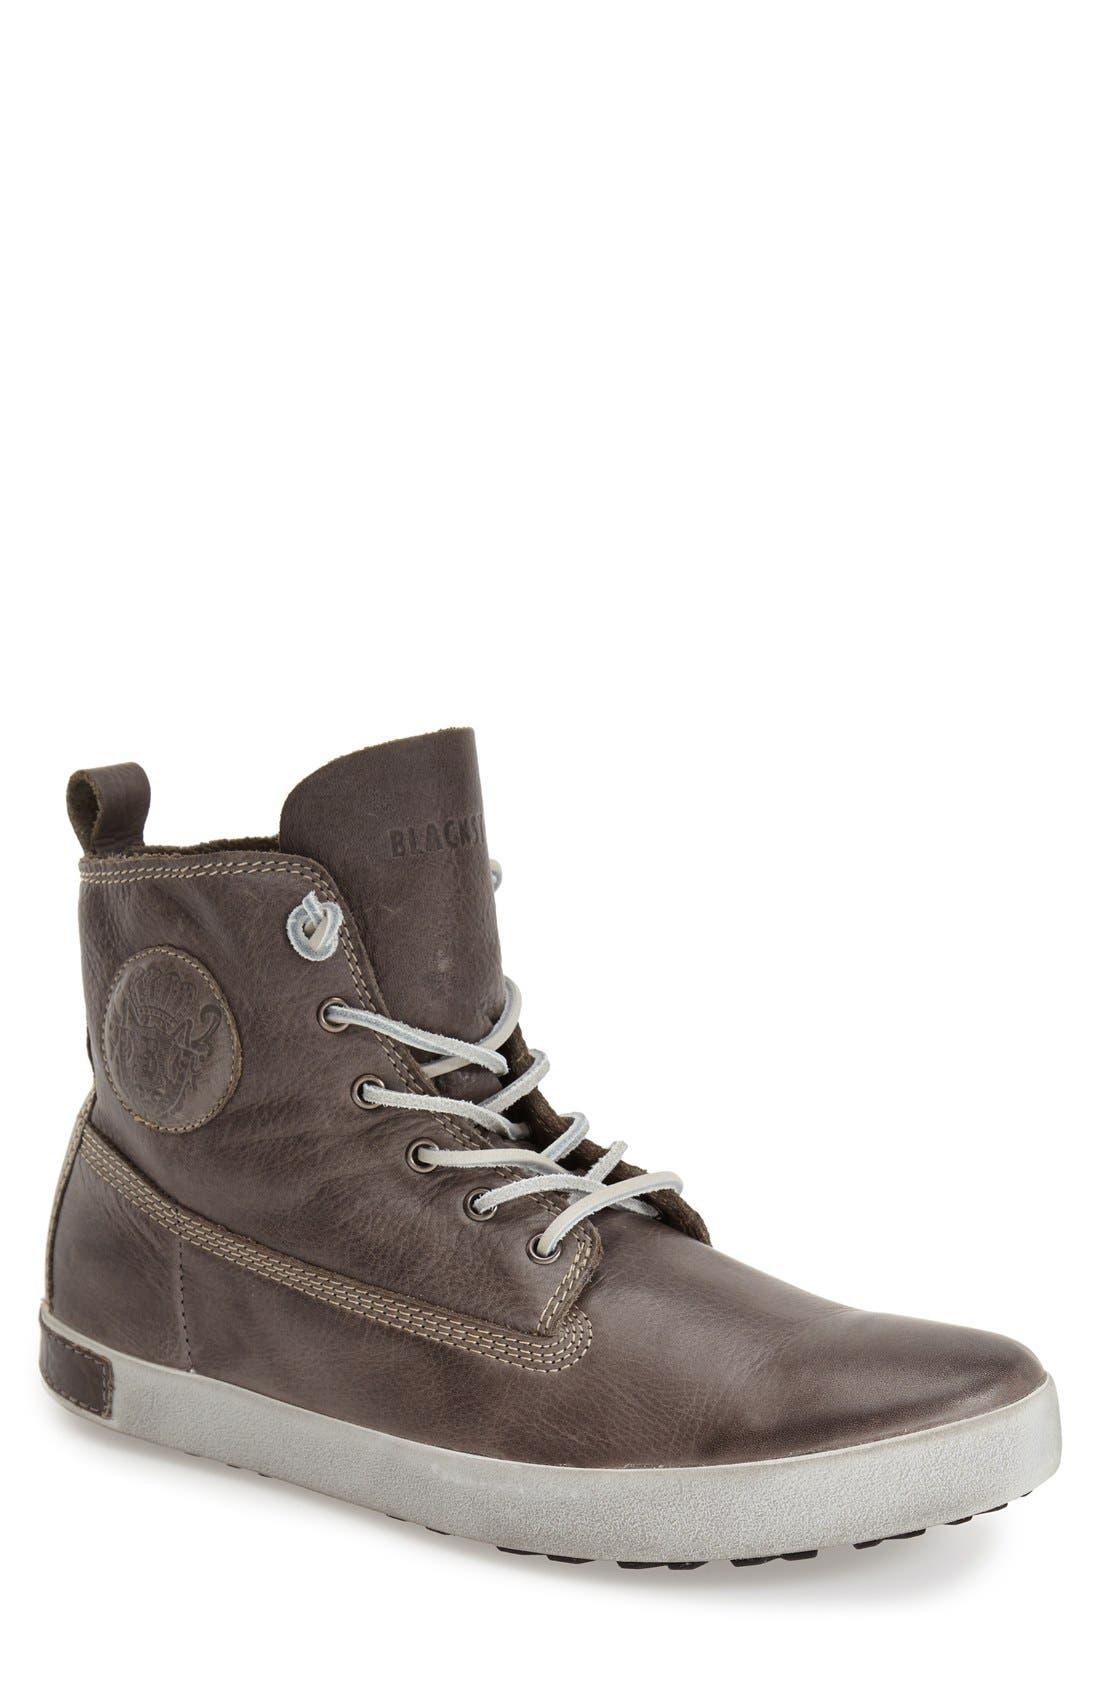 Main Image - Blackstone 'JM04' Sneaker (Men)